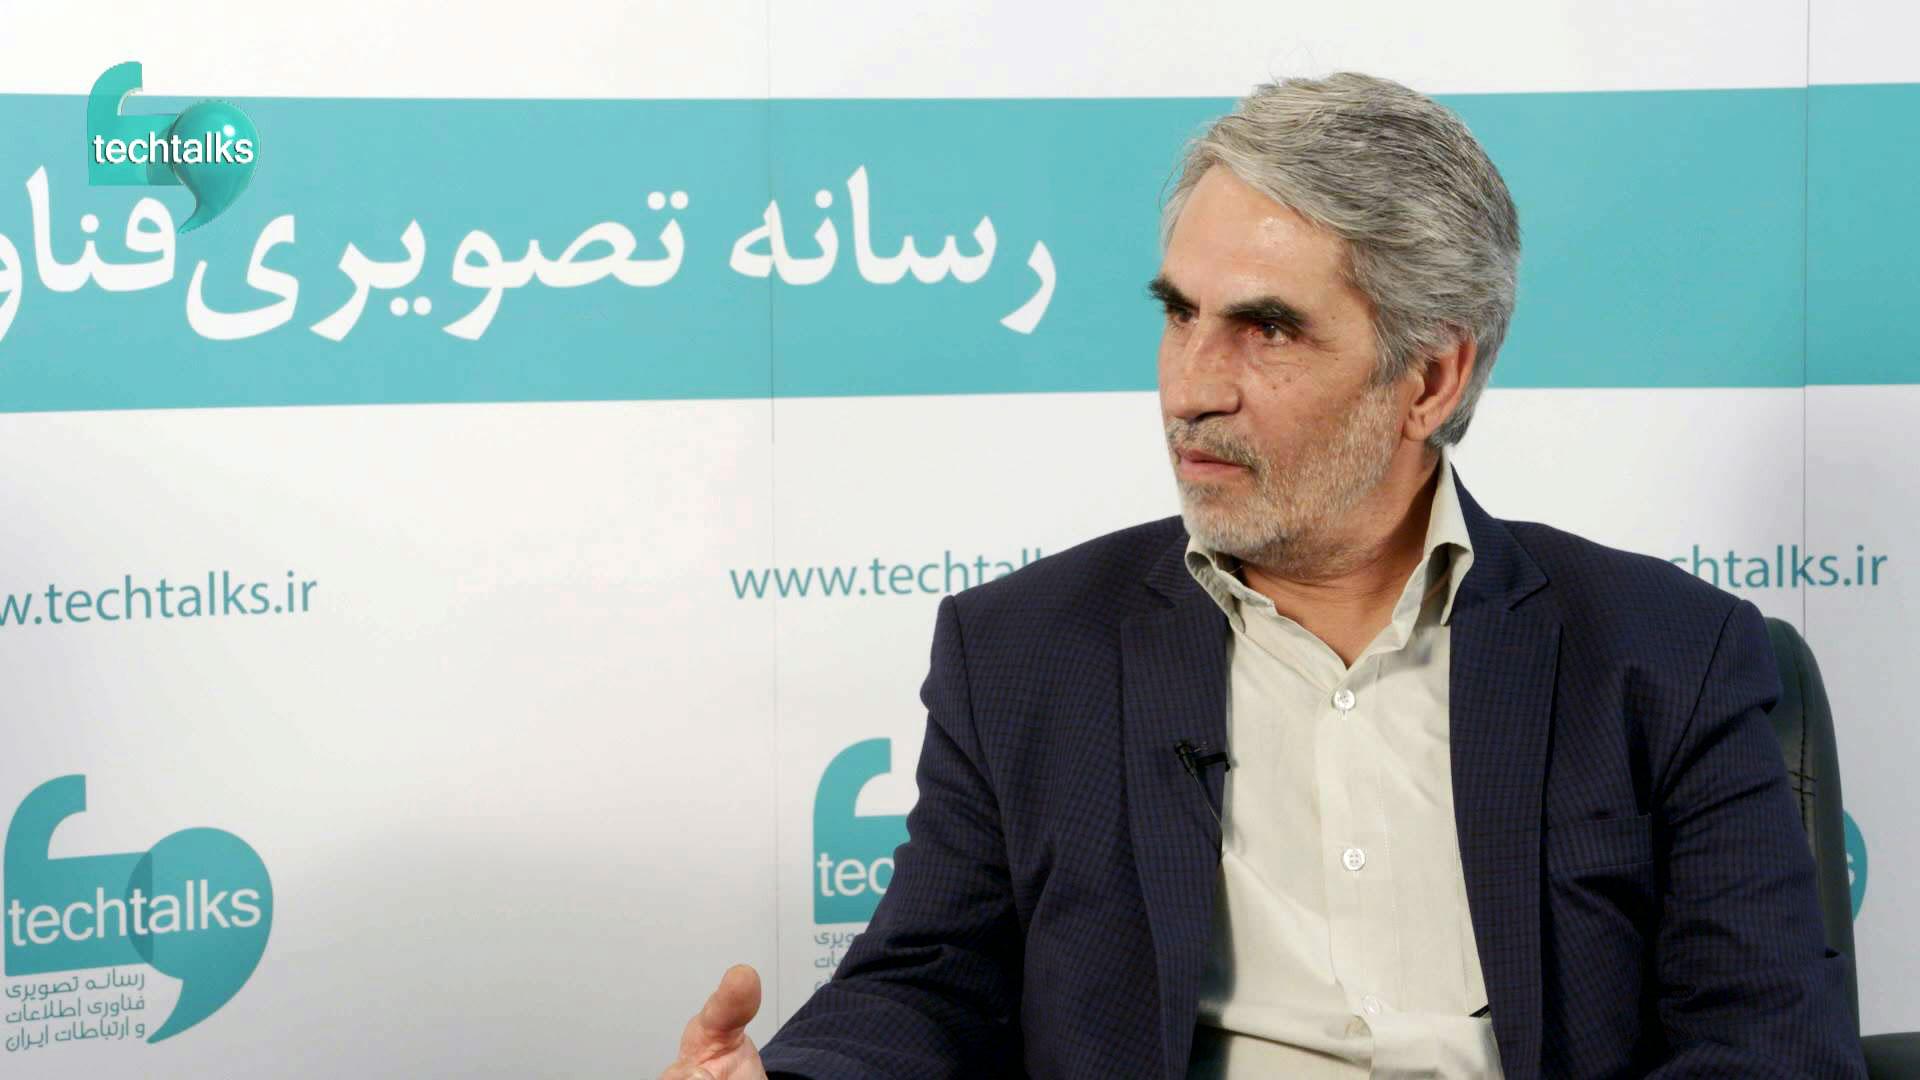 تک تاکس – گفتگو با محمد ایزدی، فناوری ارتباطات سیار اشتاد پارس – techtalks.ir